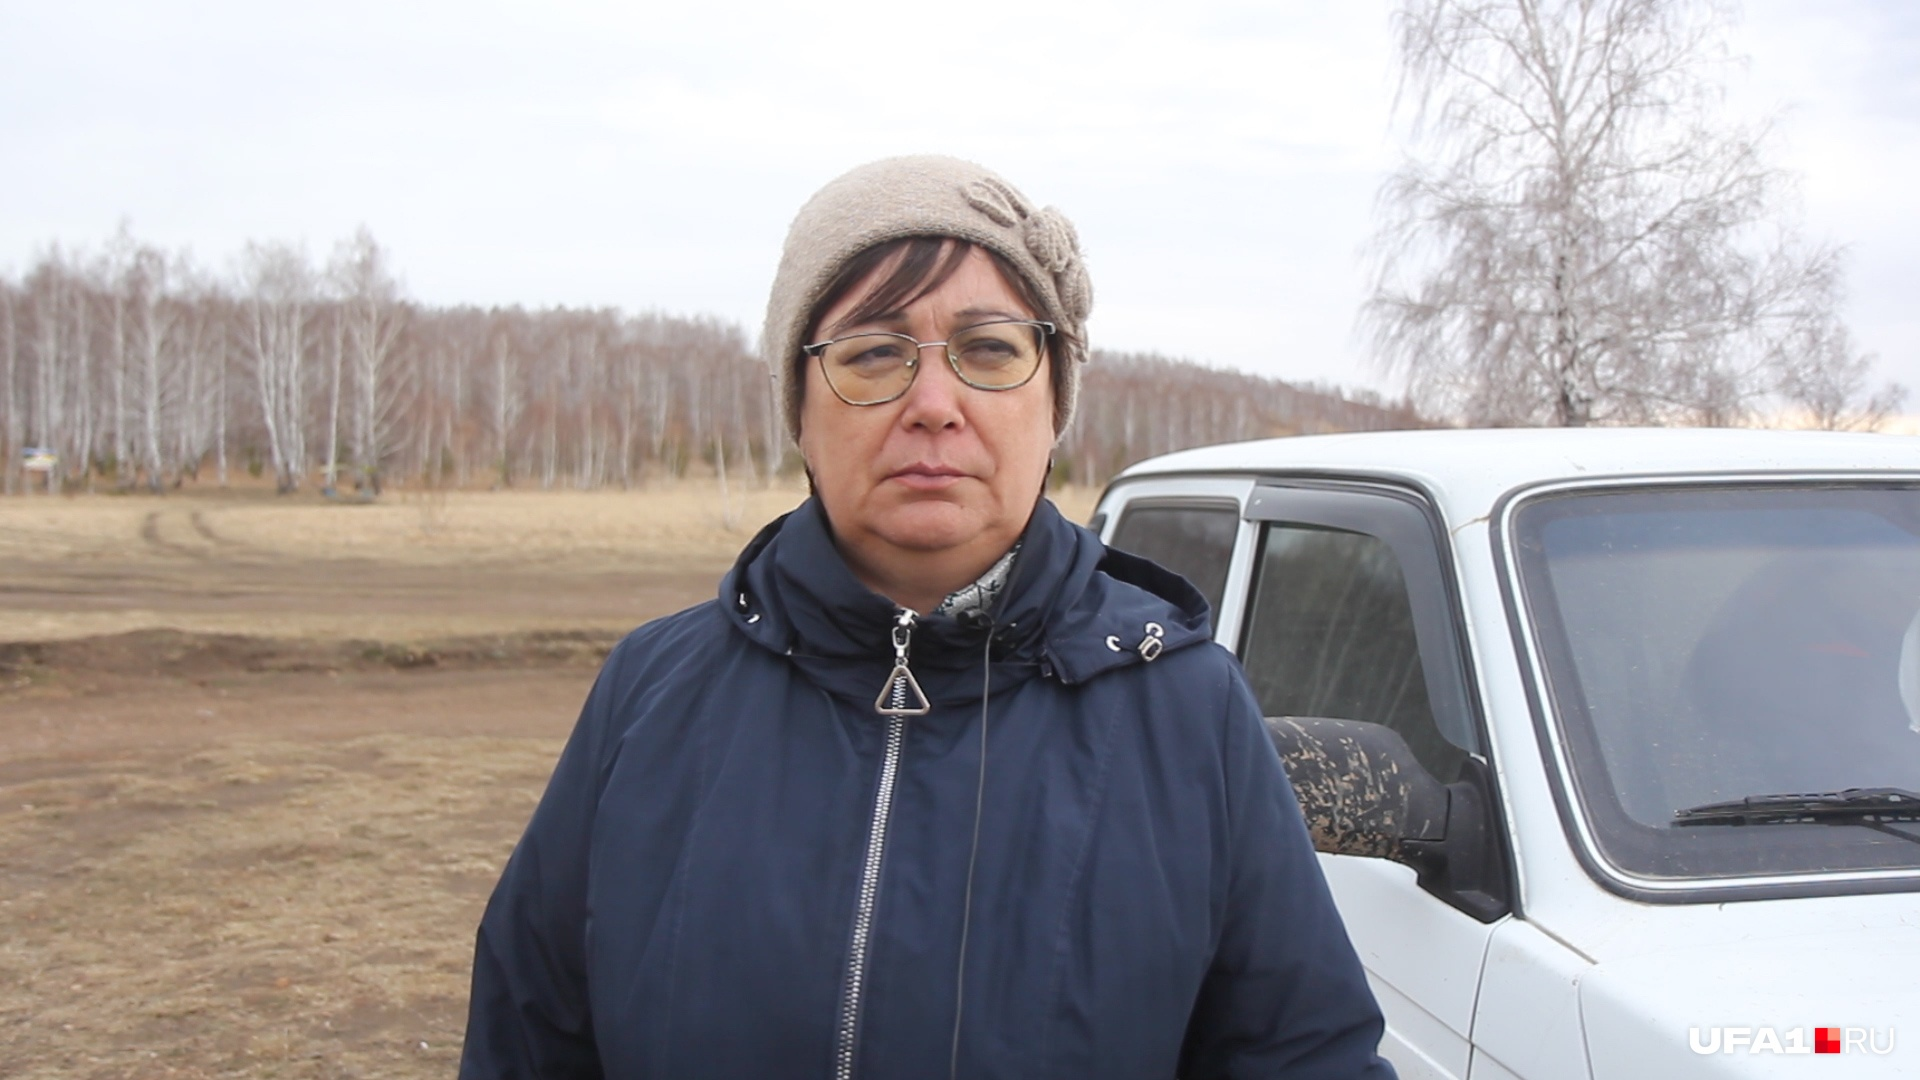 Илюза Галиакберова полагает, что над деревьями поработали профессионалы